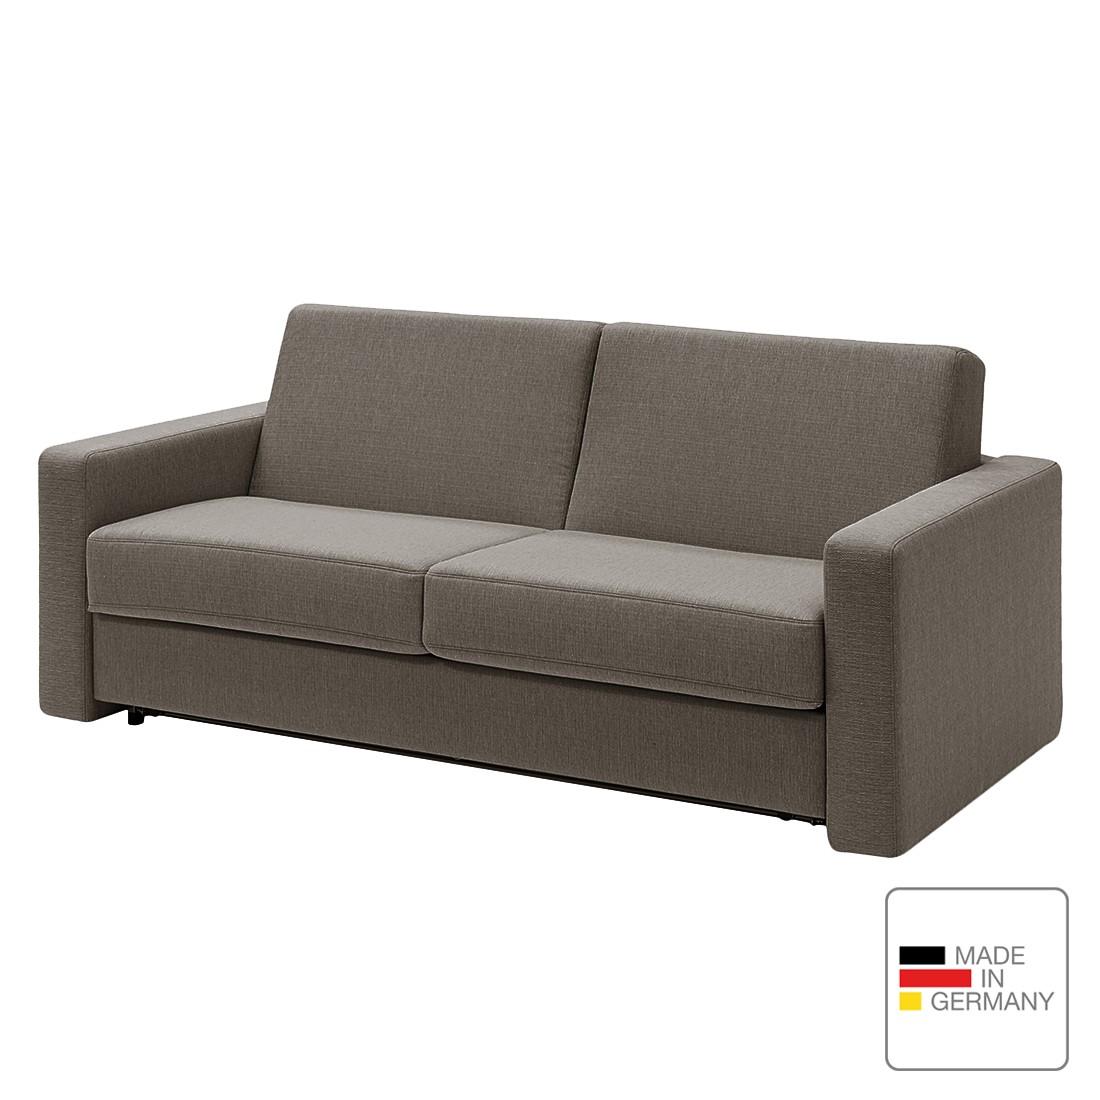 Schaumstoff Für Sofa : schaumstoff f r sofa preisvergleiche erfahrungsberichte ~ Michelbontemps.com Haus und Dekorationen